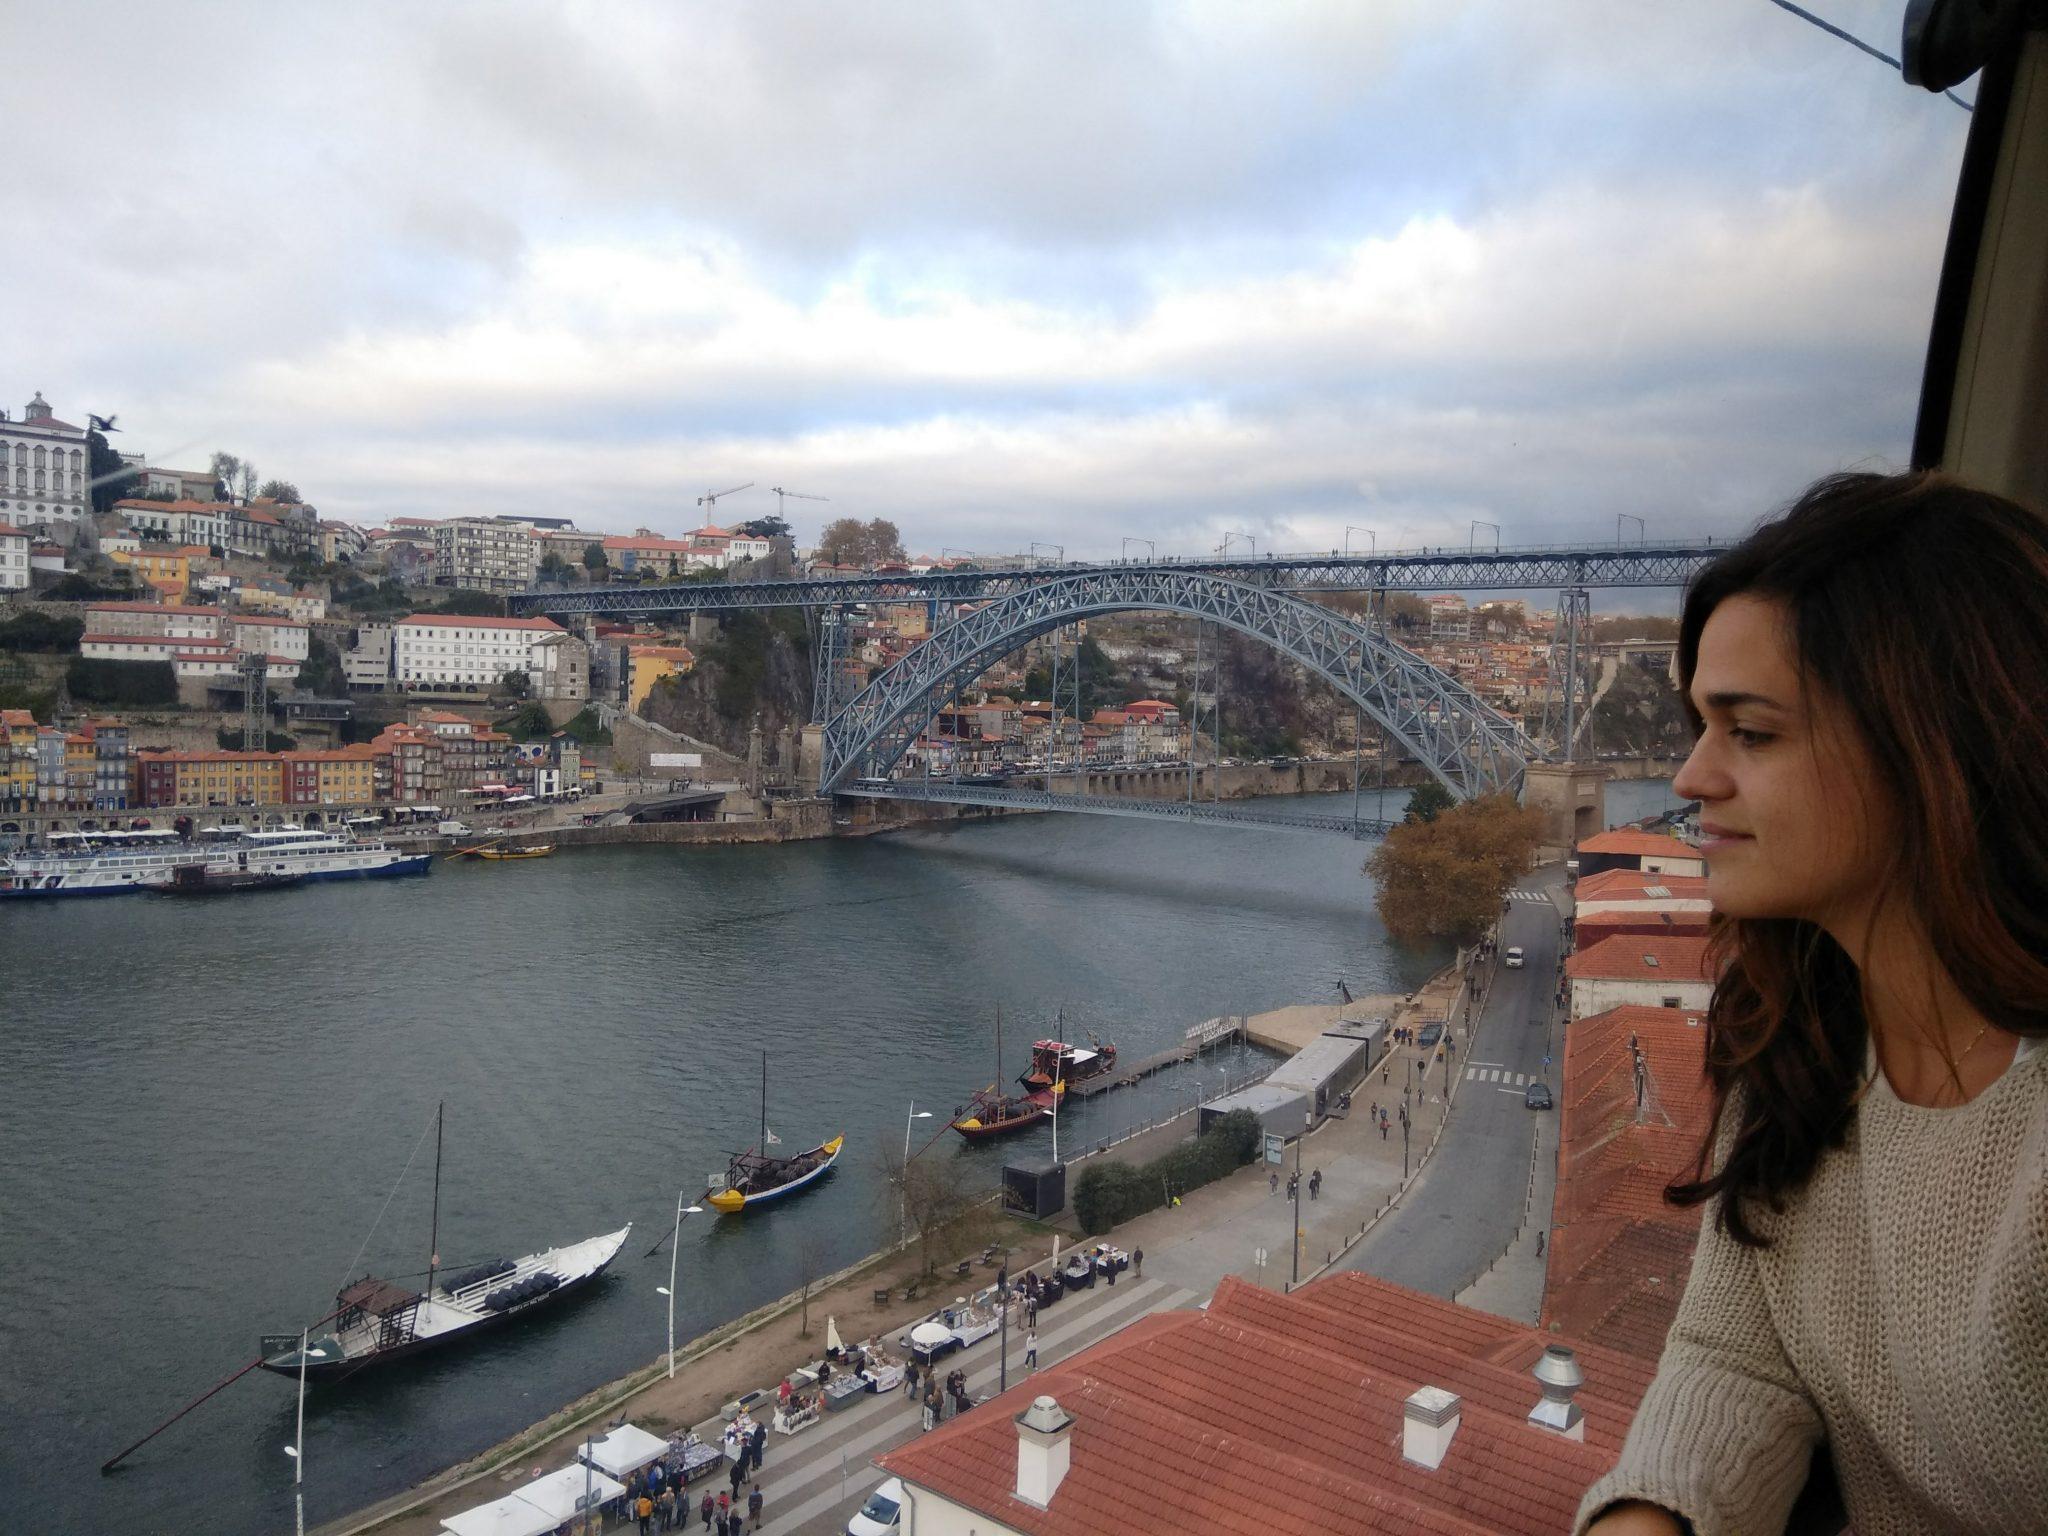 Imagen post 2 días en Oporto. Mirador teleférico - Pasaporte y Millas